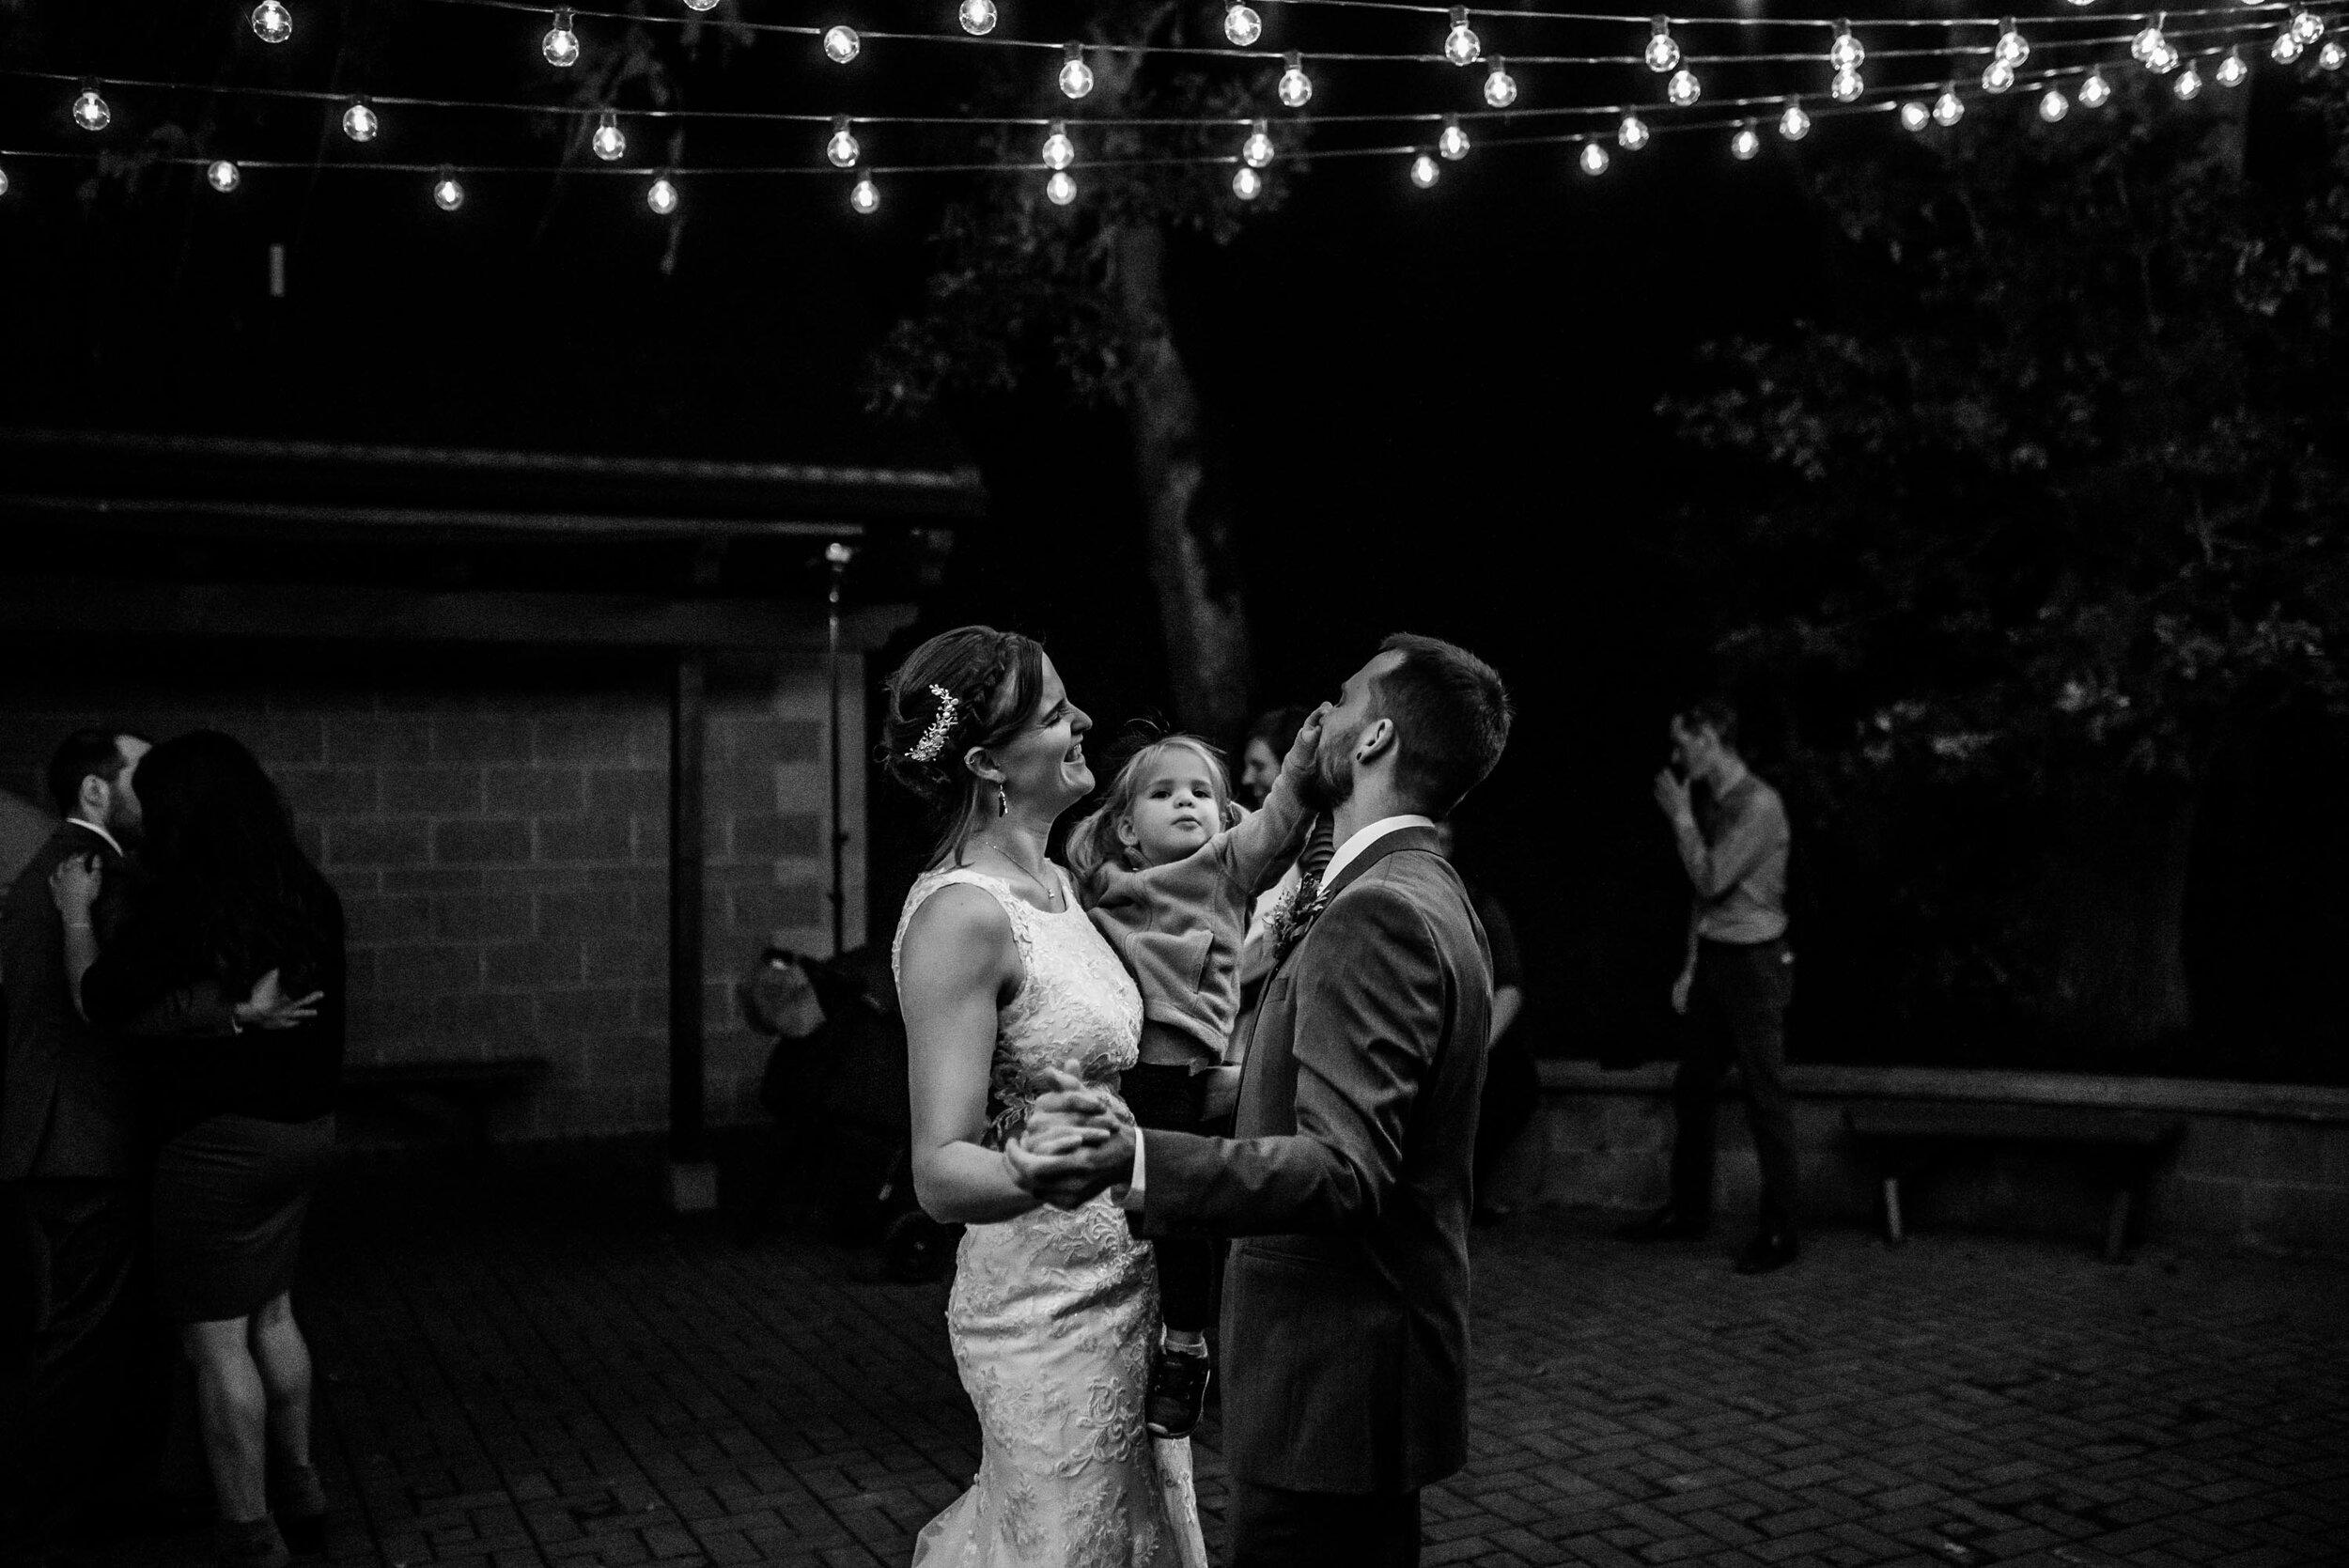 Mt. Pisgah Arboretum wedding photos 148.JPG